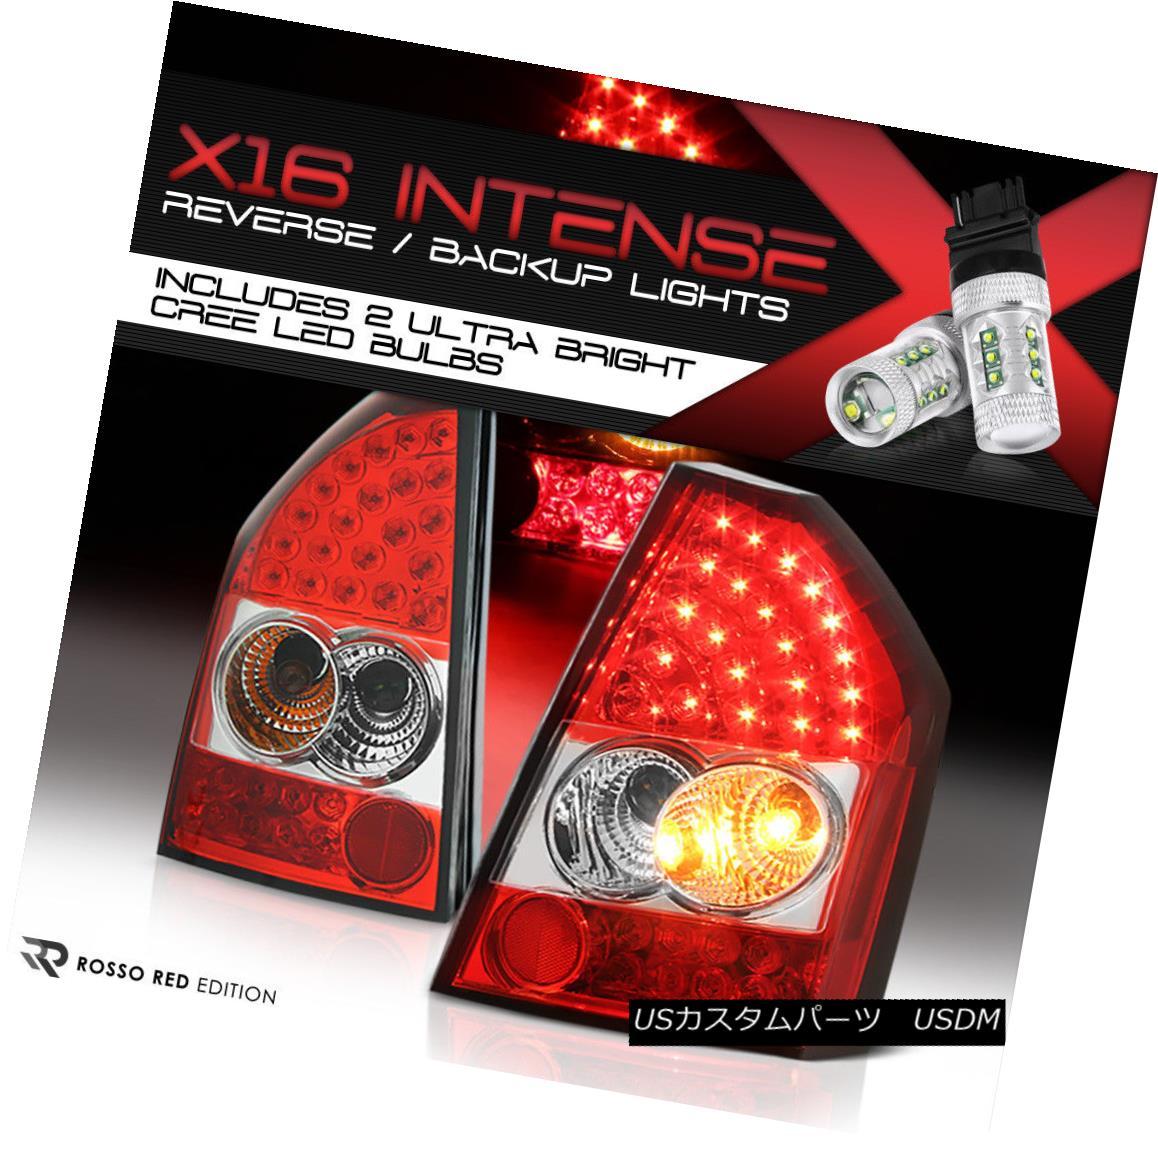 テールライト {Cree LED Reverse} 08-10 Chrysler SRT8 300C LED {STUNNER RED} Tail Lights LH RH {クリーLED逆転} 08-10クライスラーSRT8 300C LED {スタナーレッド}テールライトLH RH